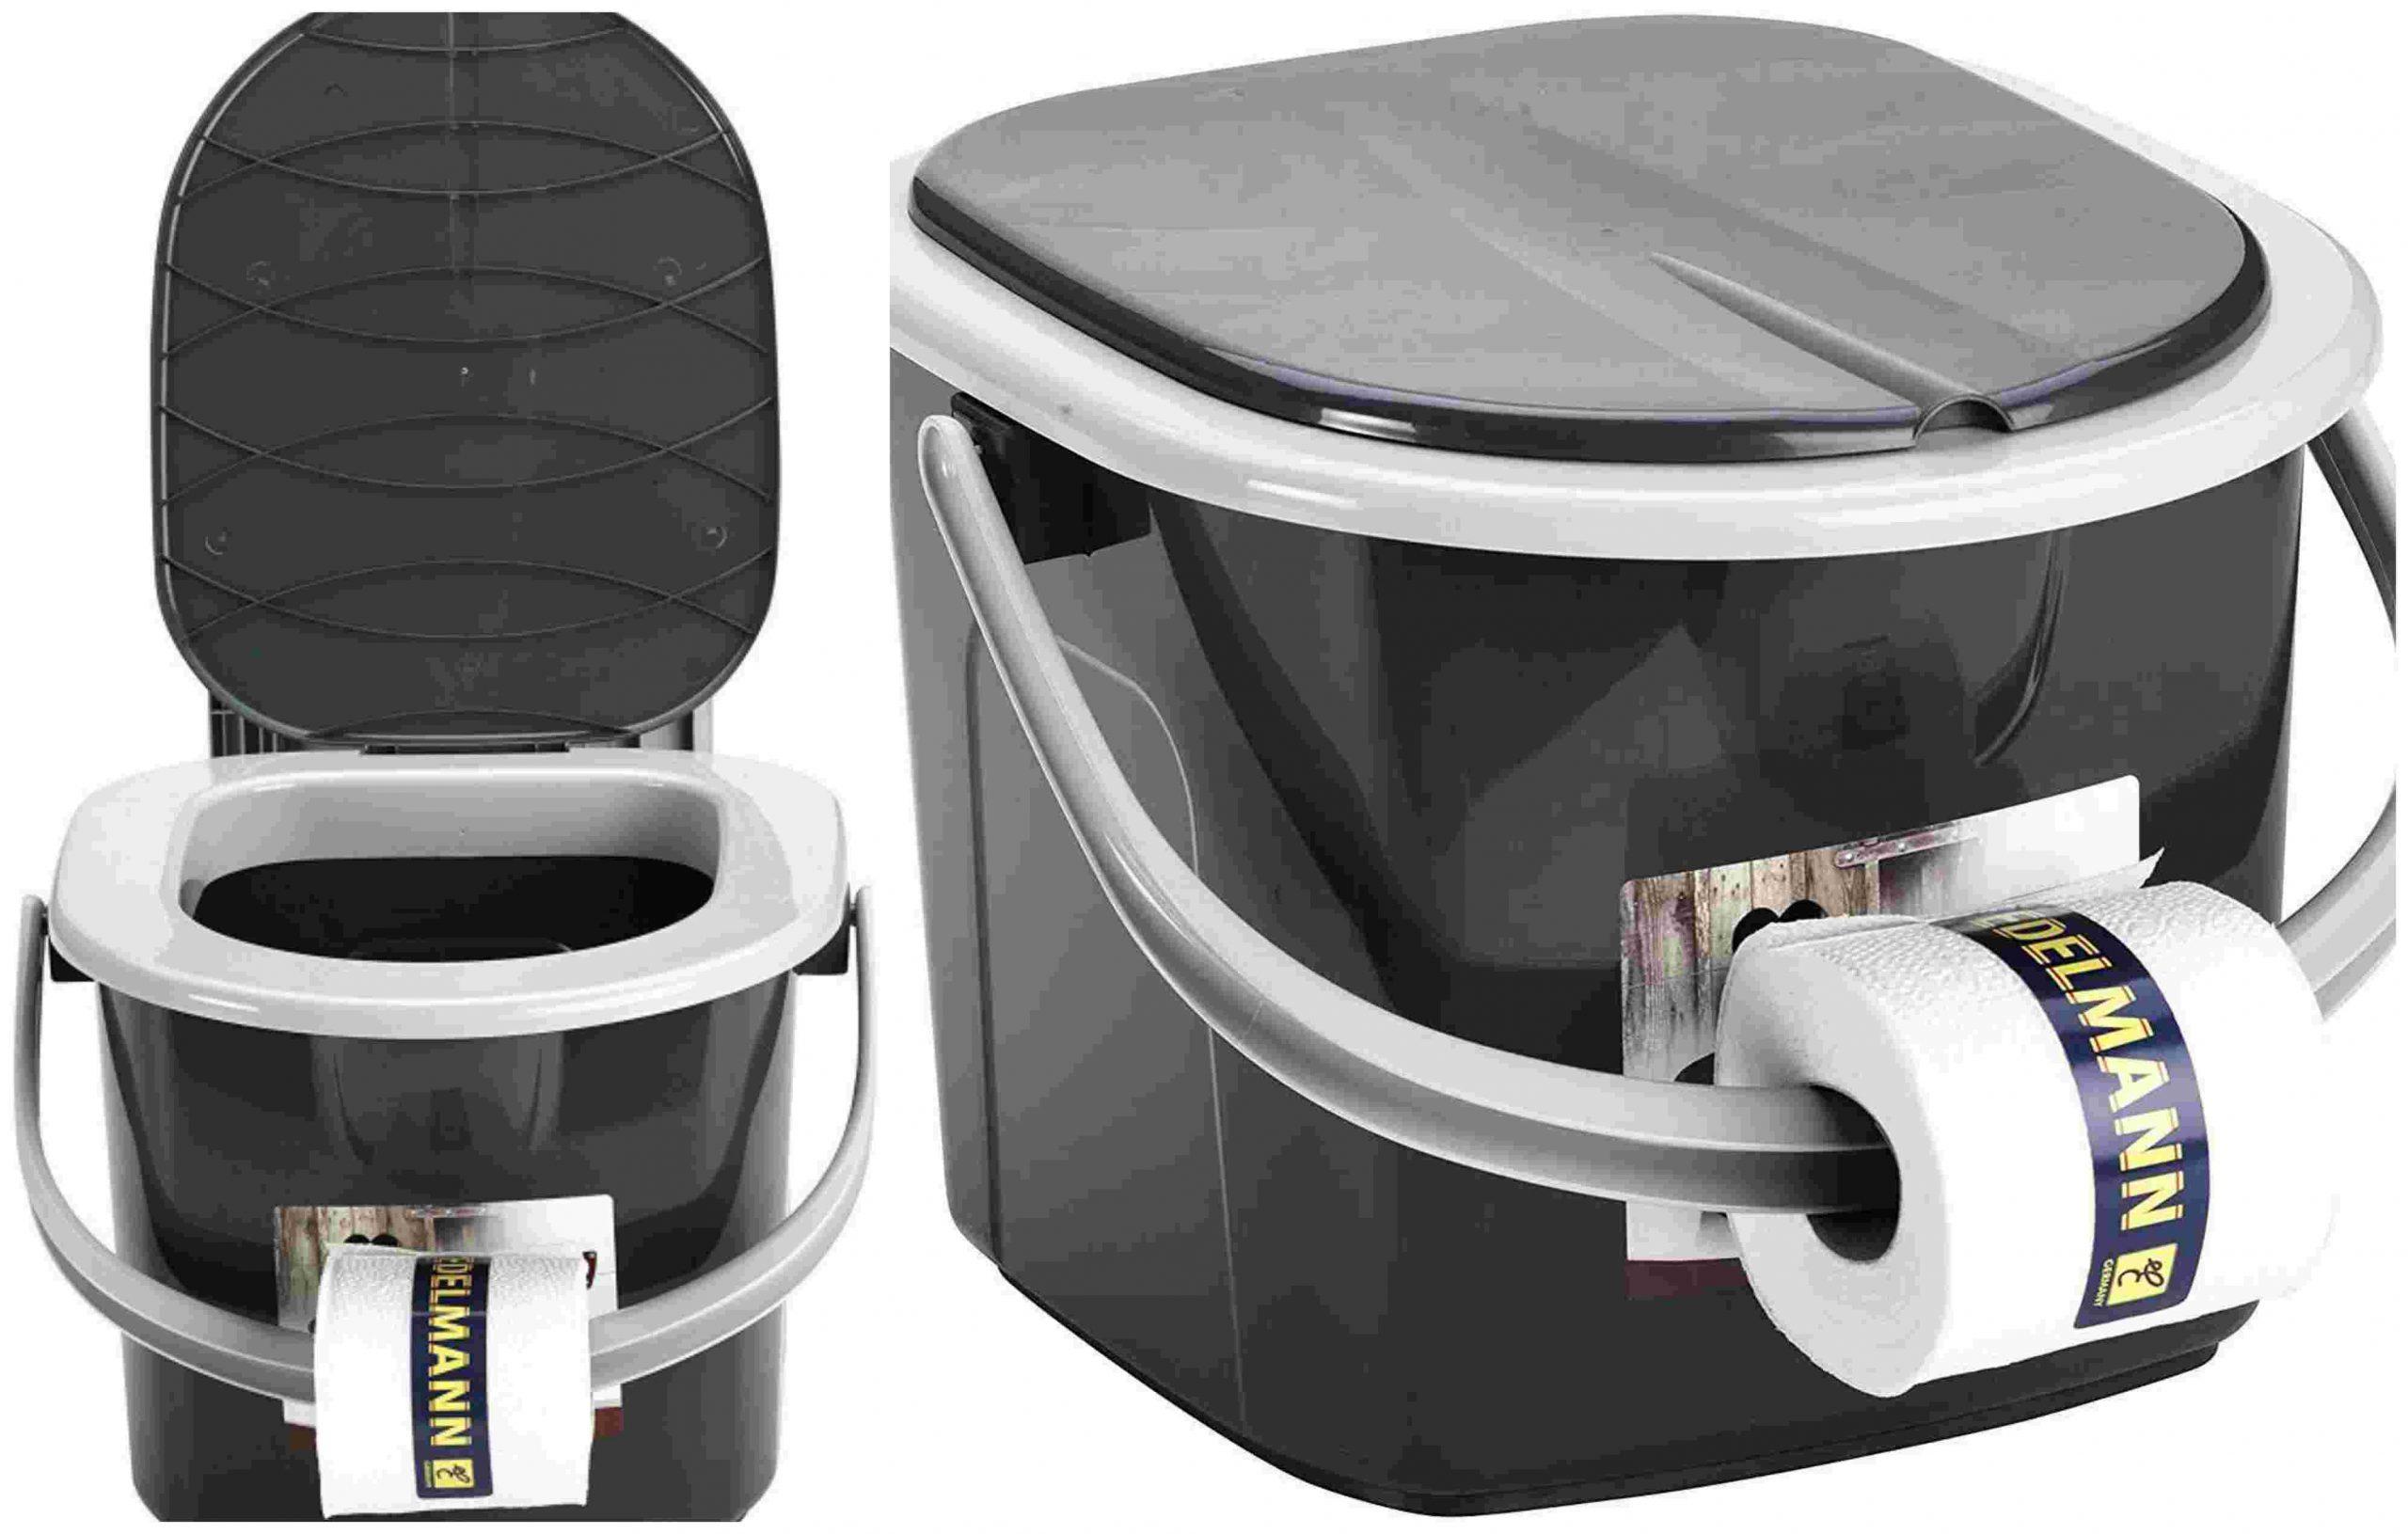 uno-de-los-wc-portatiles-cubo-mas-vendidos-y-utilizados-modelo-branq